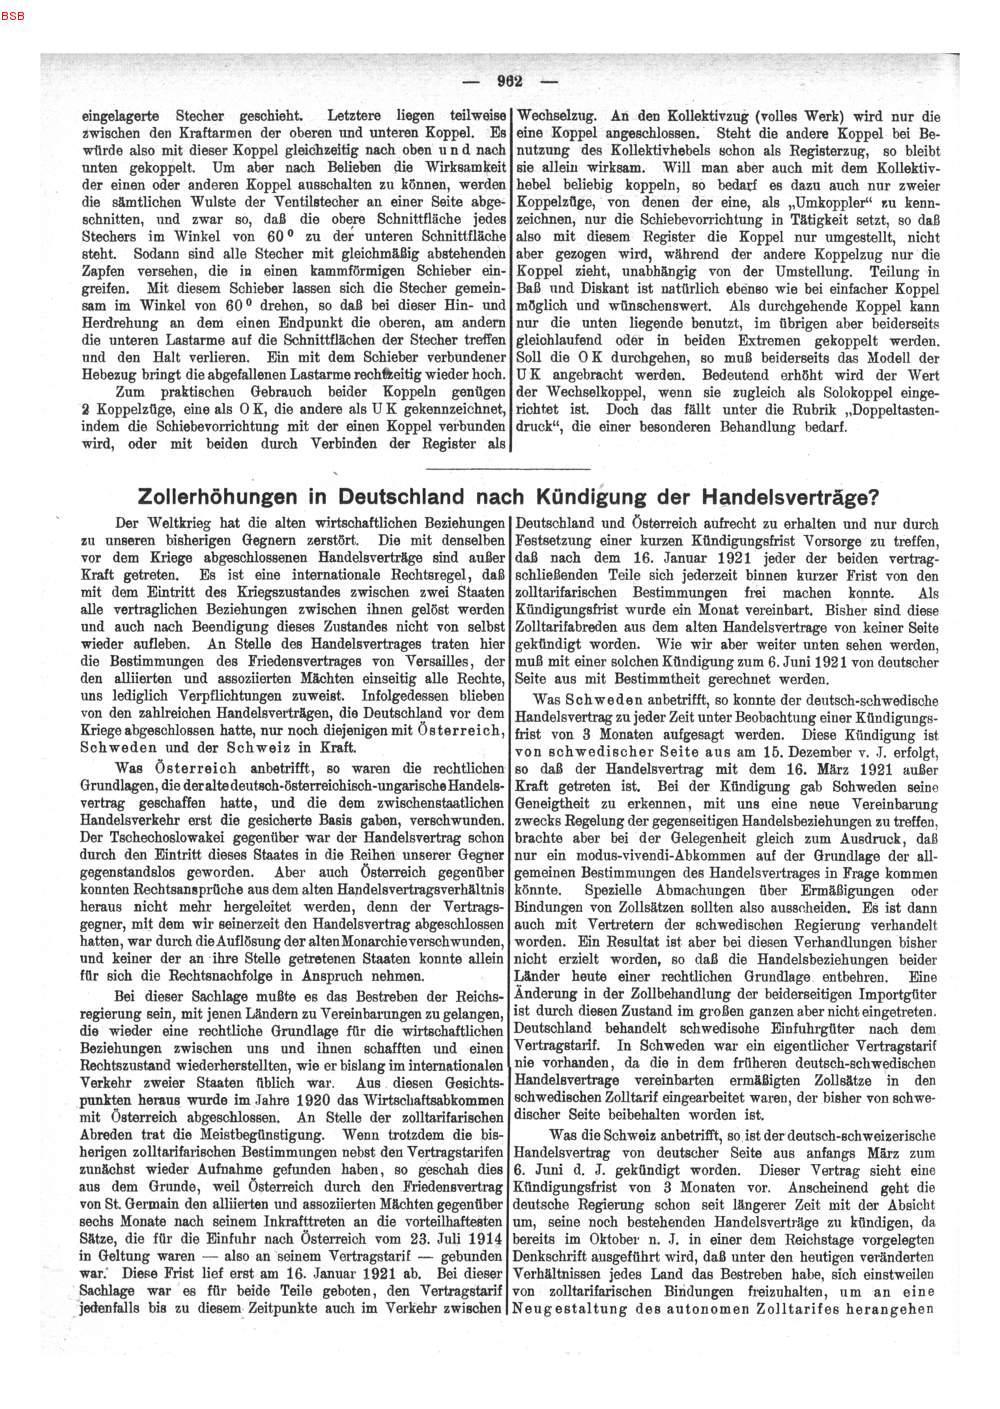 S 962 Zollerhöhungen In Deutschland Nach Kündigung Der